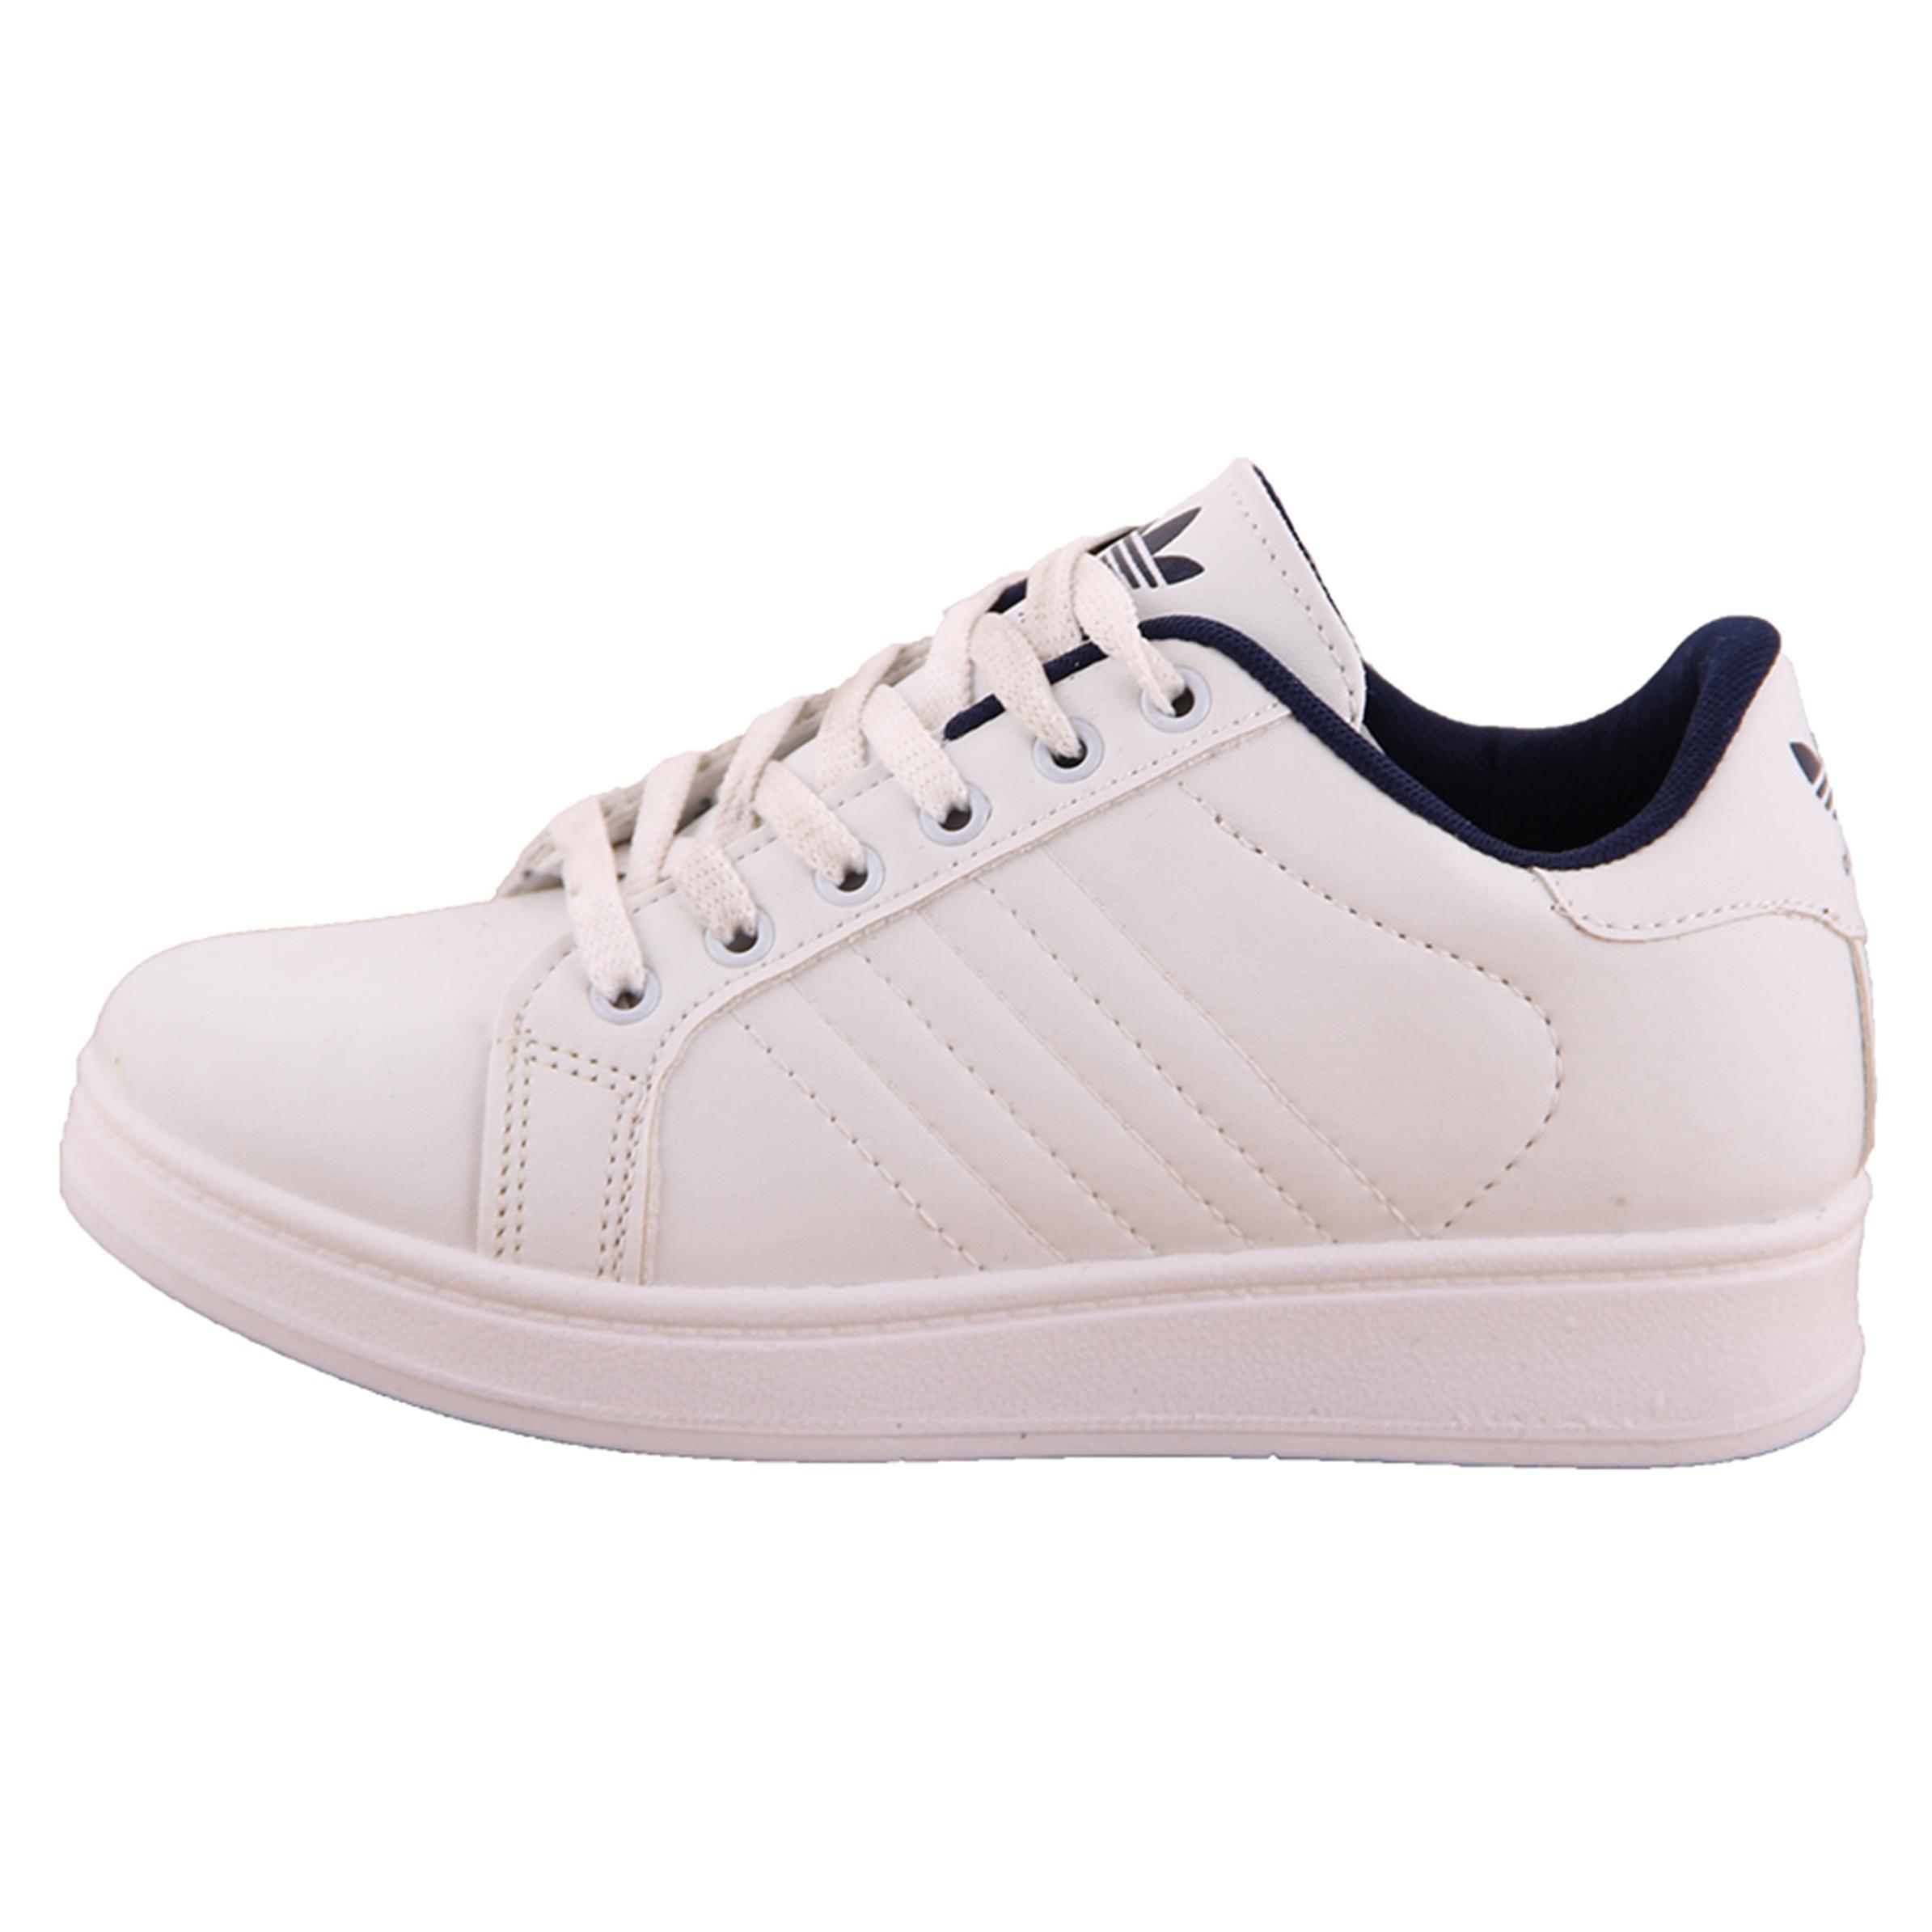 کفش مخصوص پیاده روی زنانه کد 4-2397910